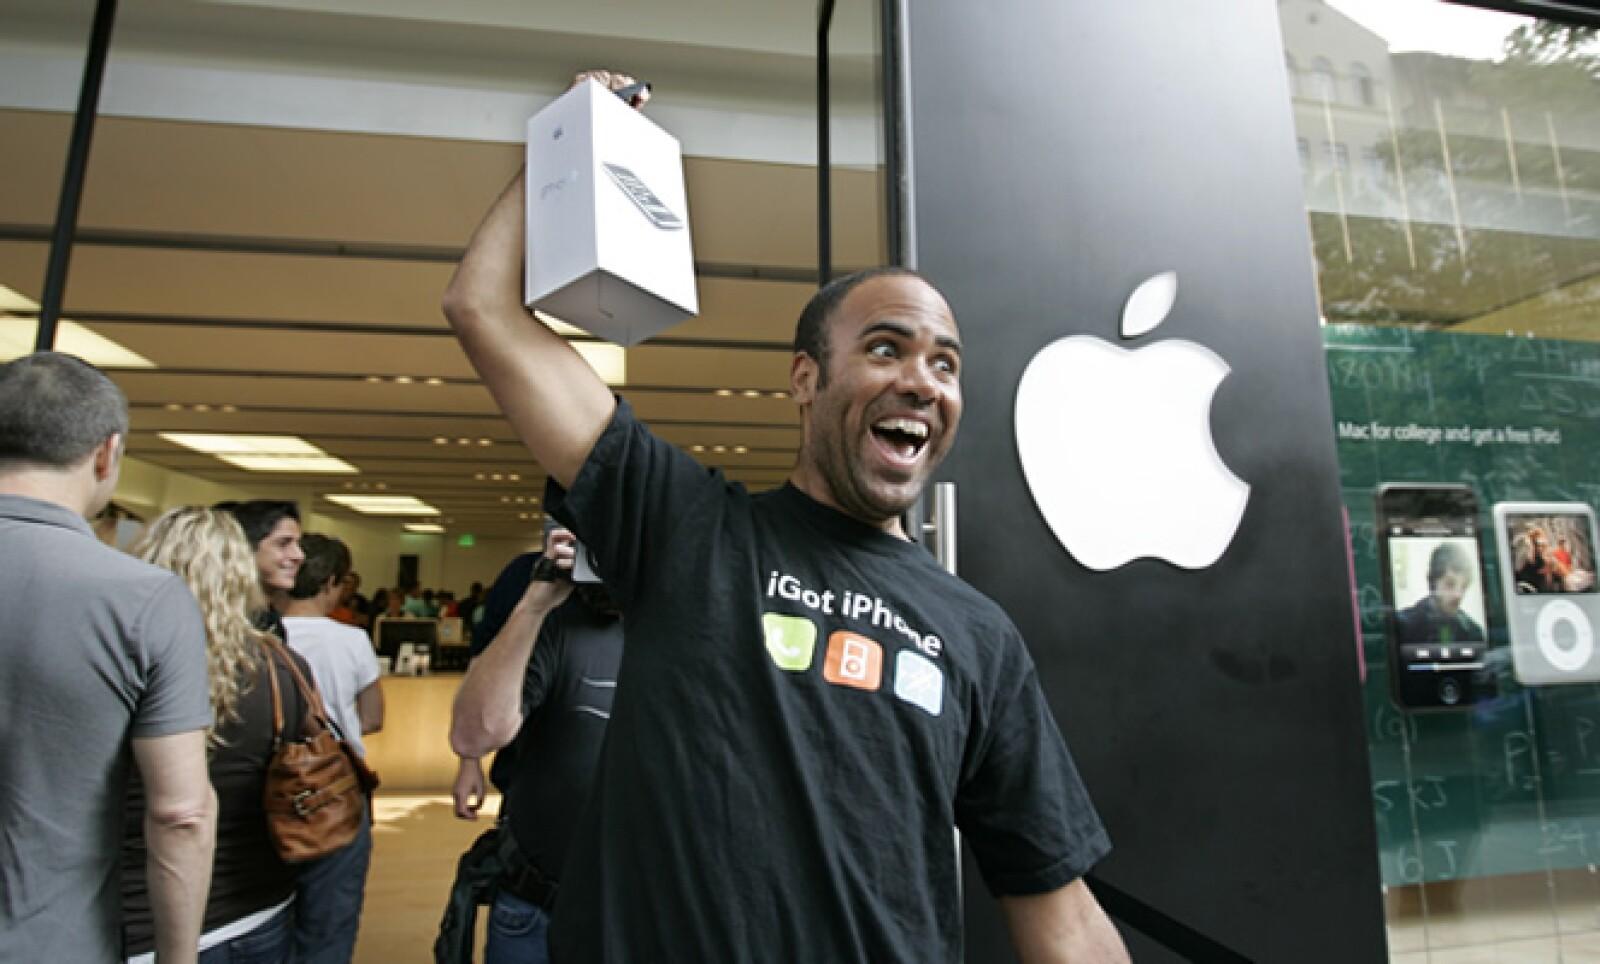 La segunda versión del 'smartphone' salió a la venta el 11 de julio de 2008 y en su primer fin de semana se colocó más de un millón de unidades.